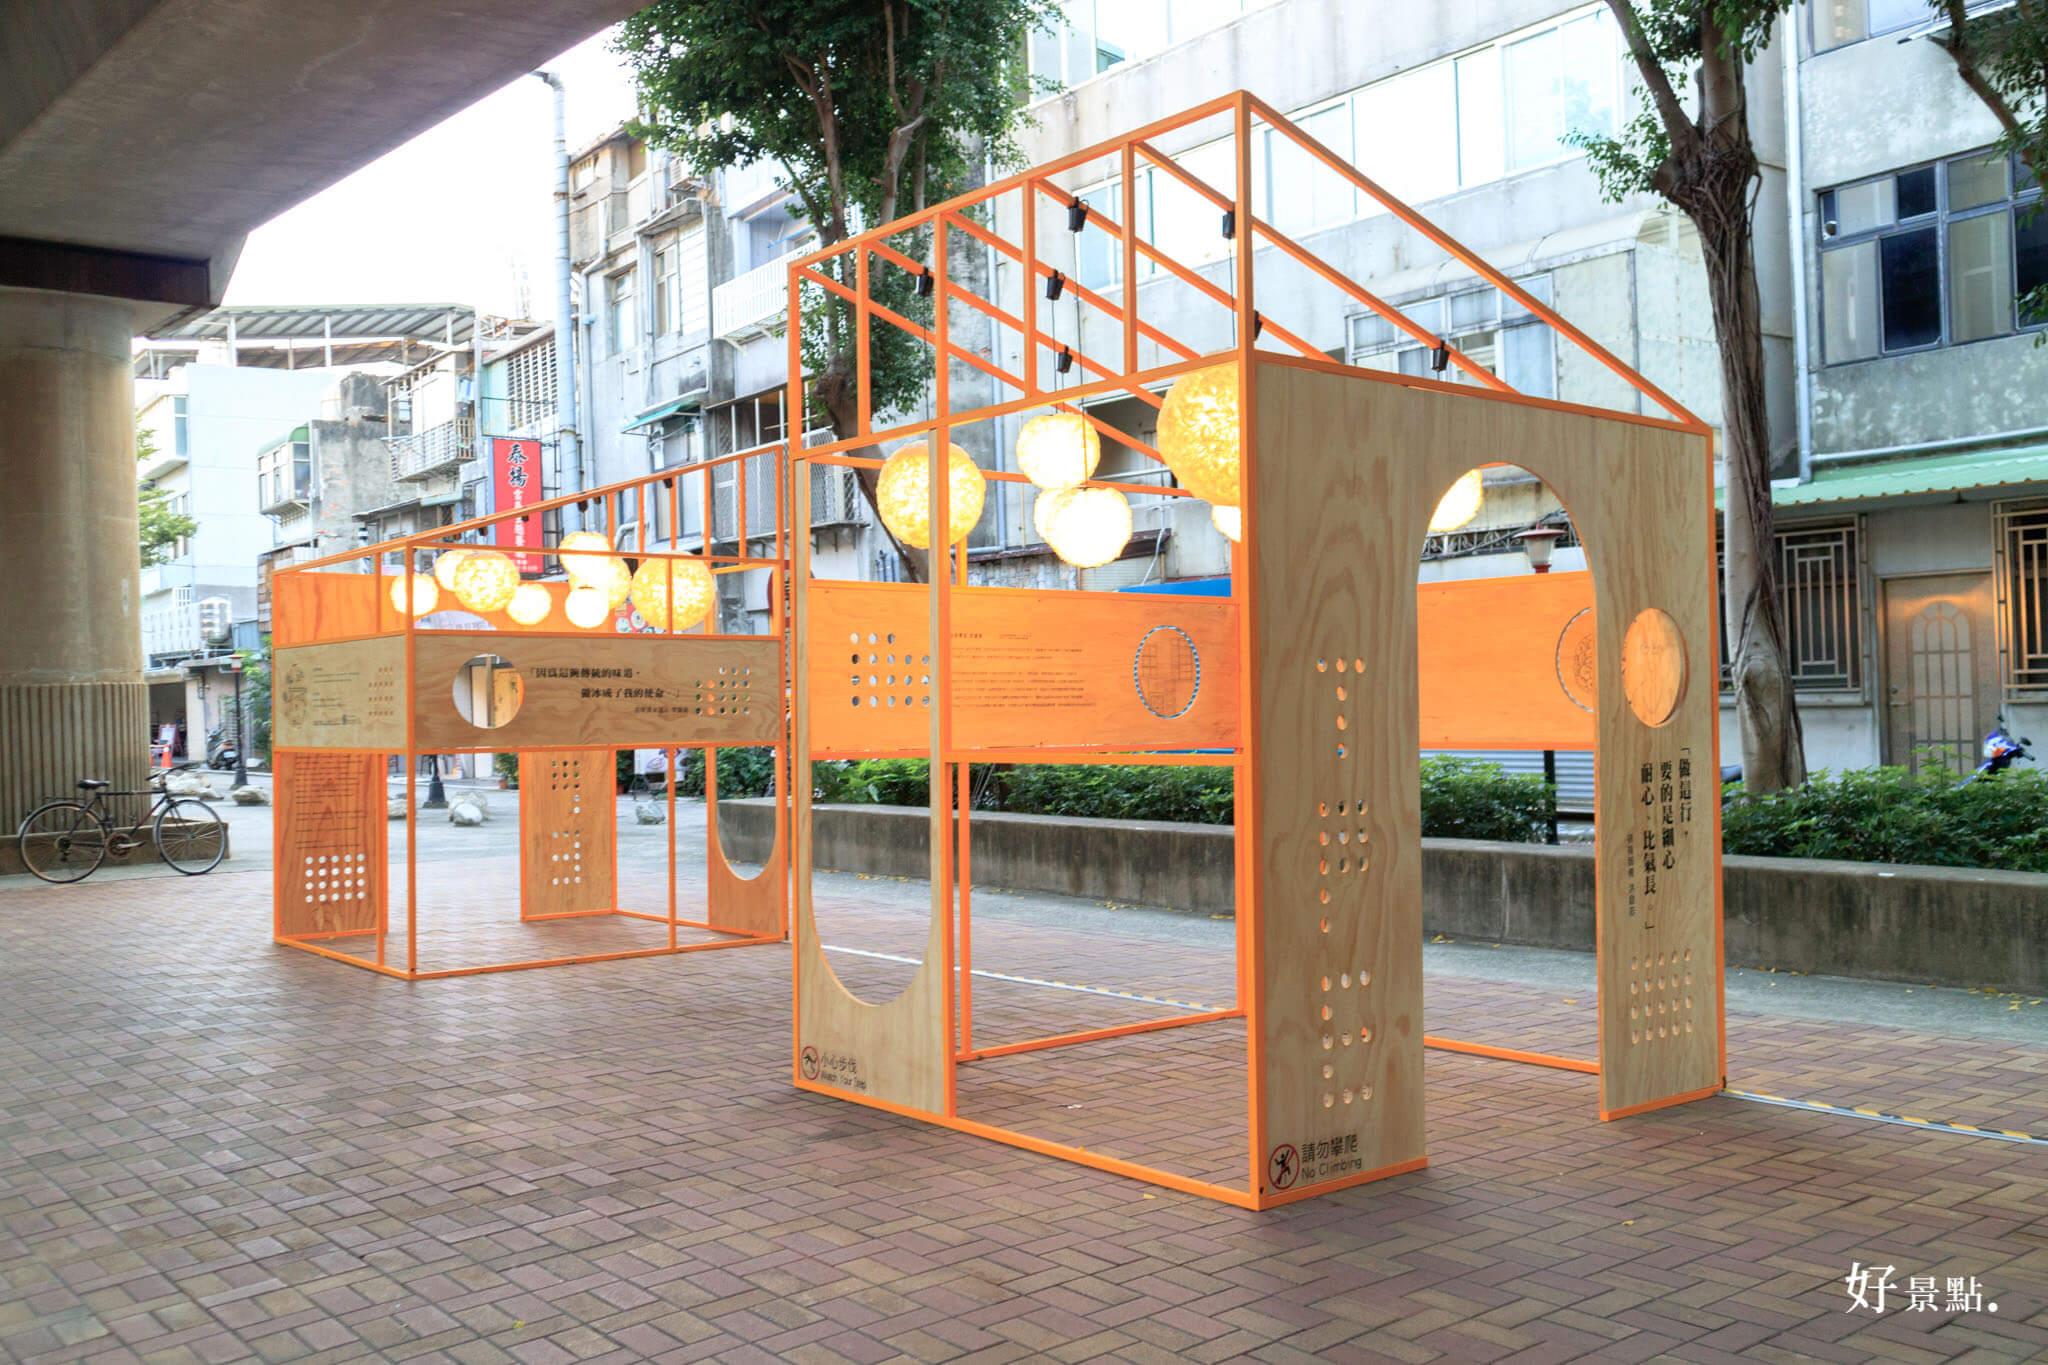 |台北。士林|2017臺北街角遇見設計「城市家遊站」鮮黃色休憩空間拍照新亮點!